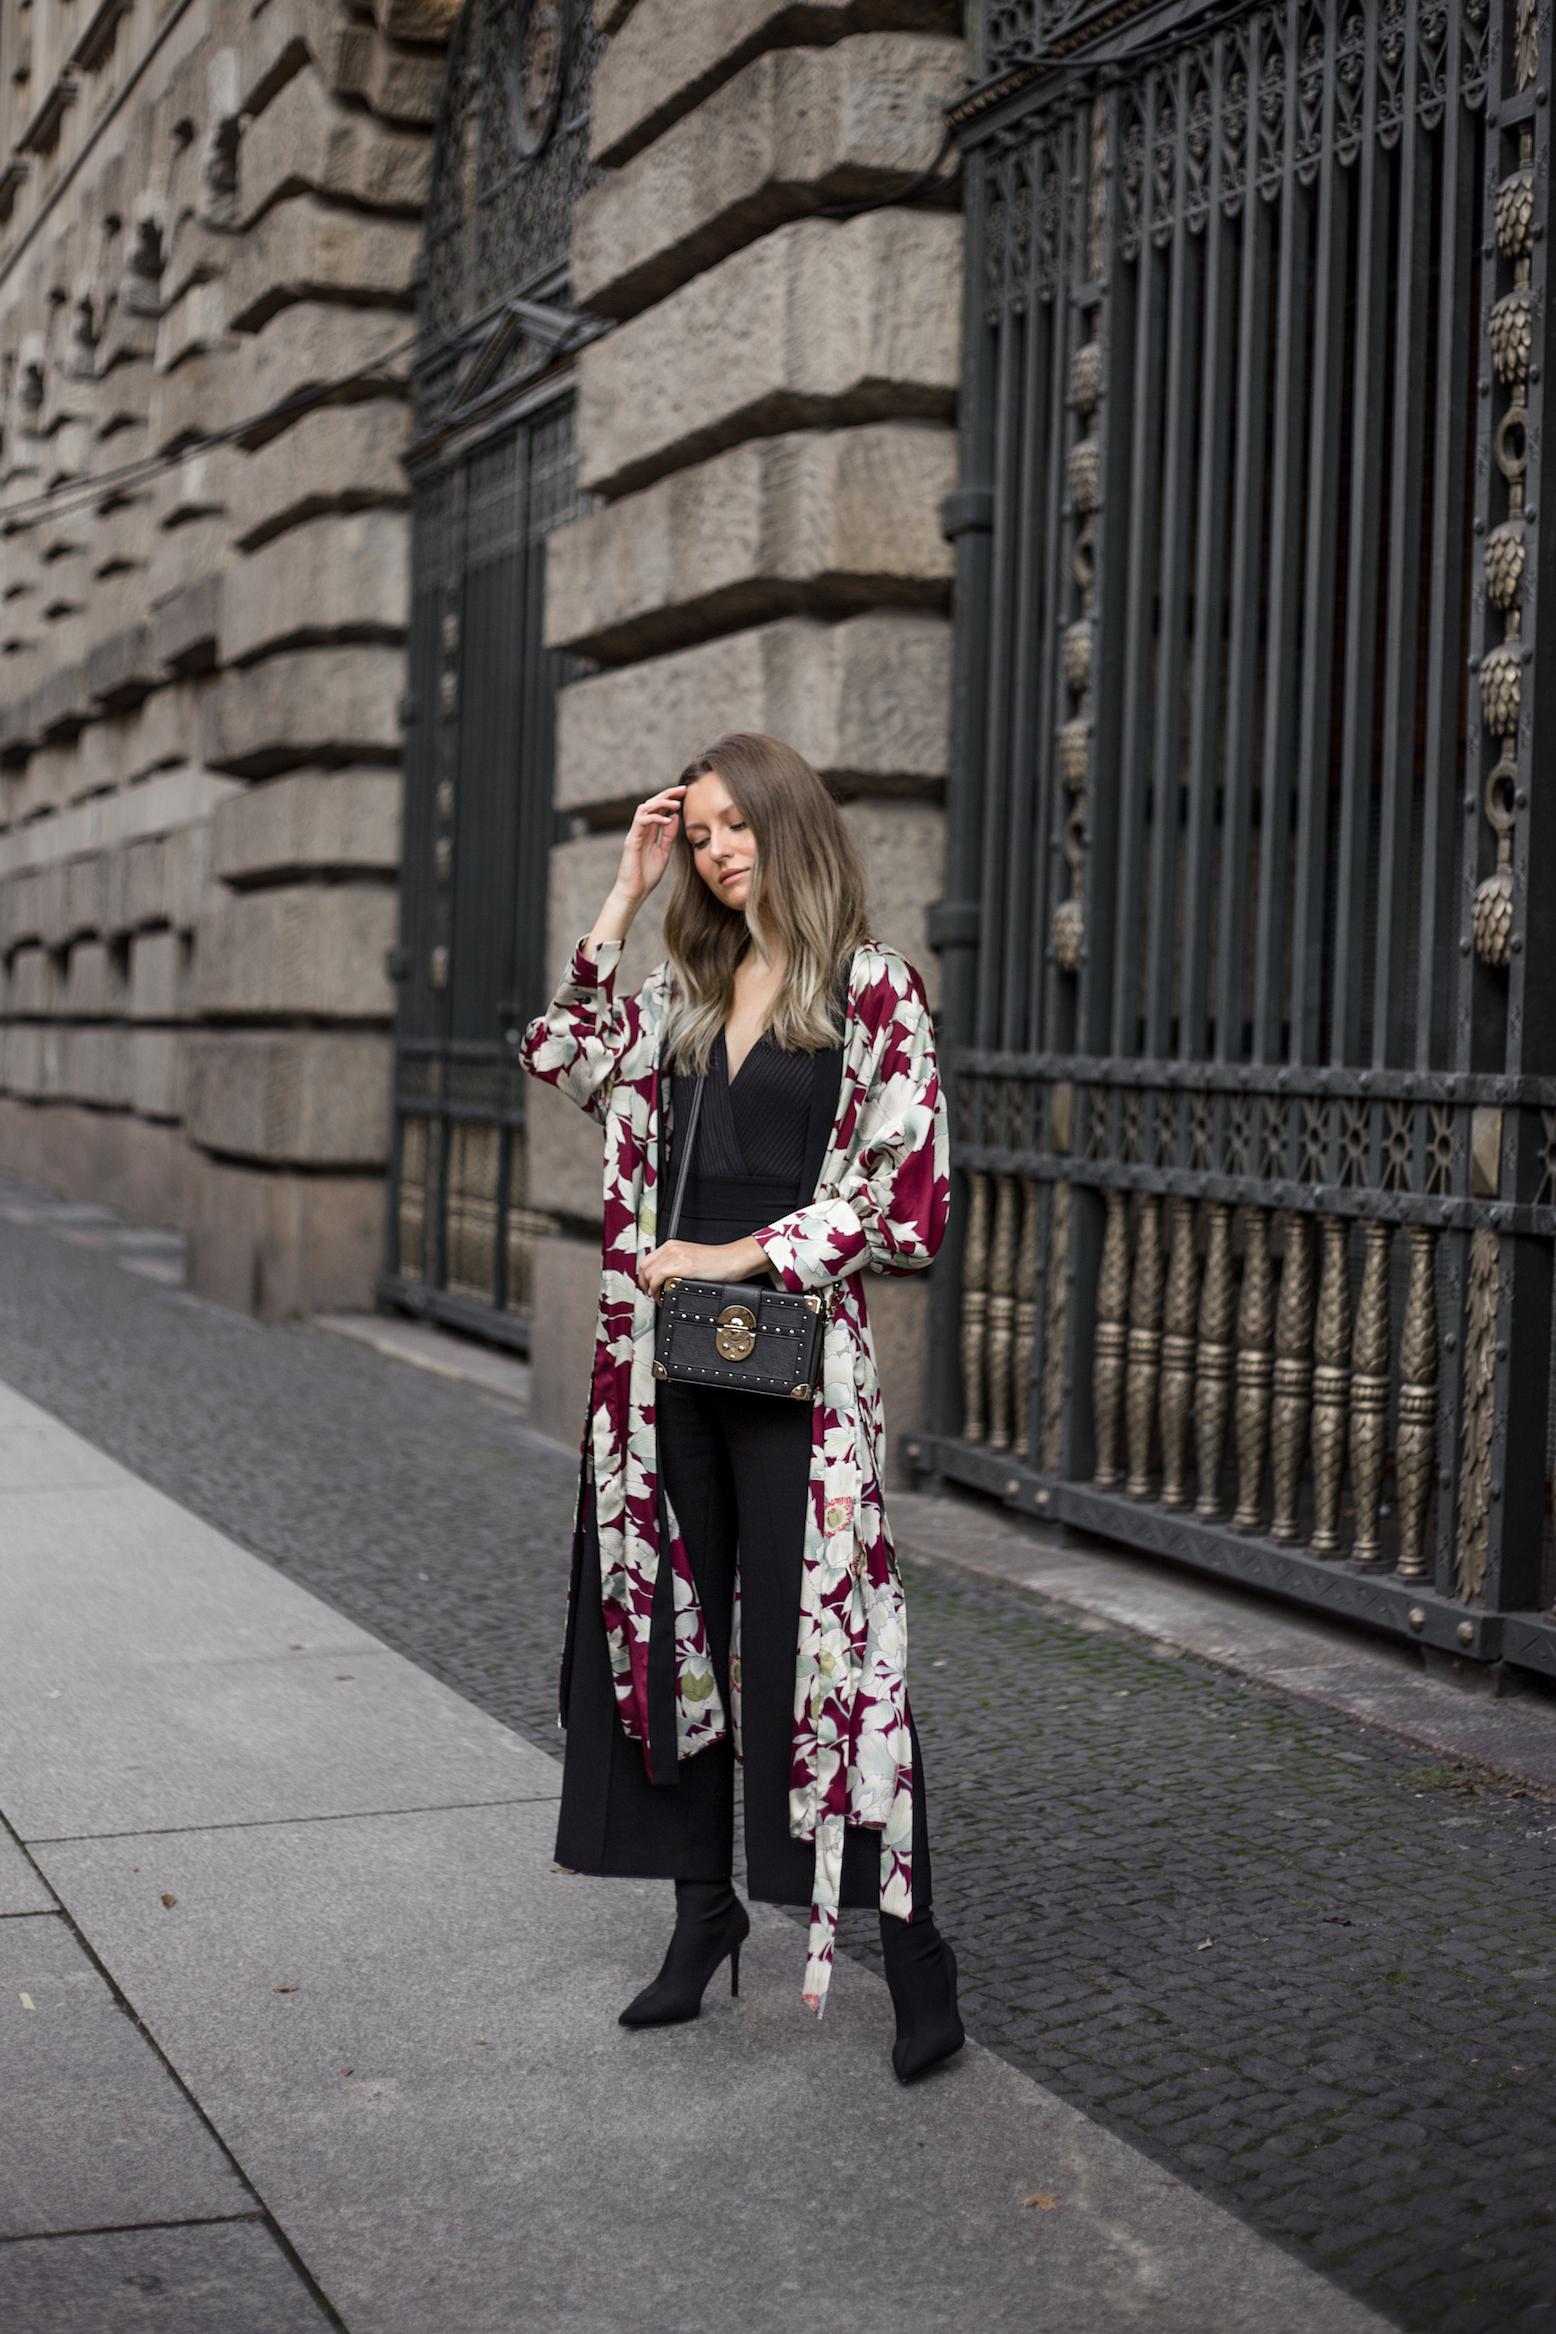 livia-auer-floral-kimono-outfit-IMG_1933